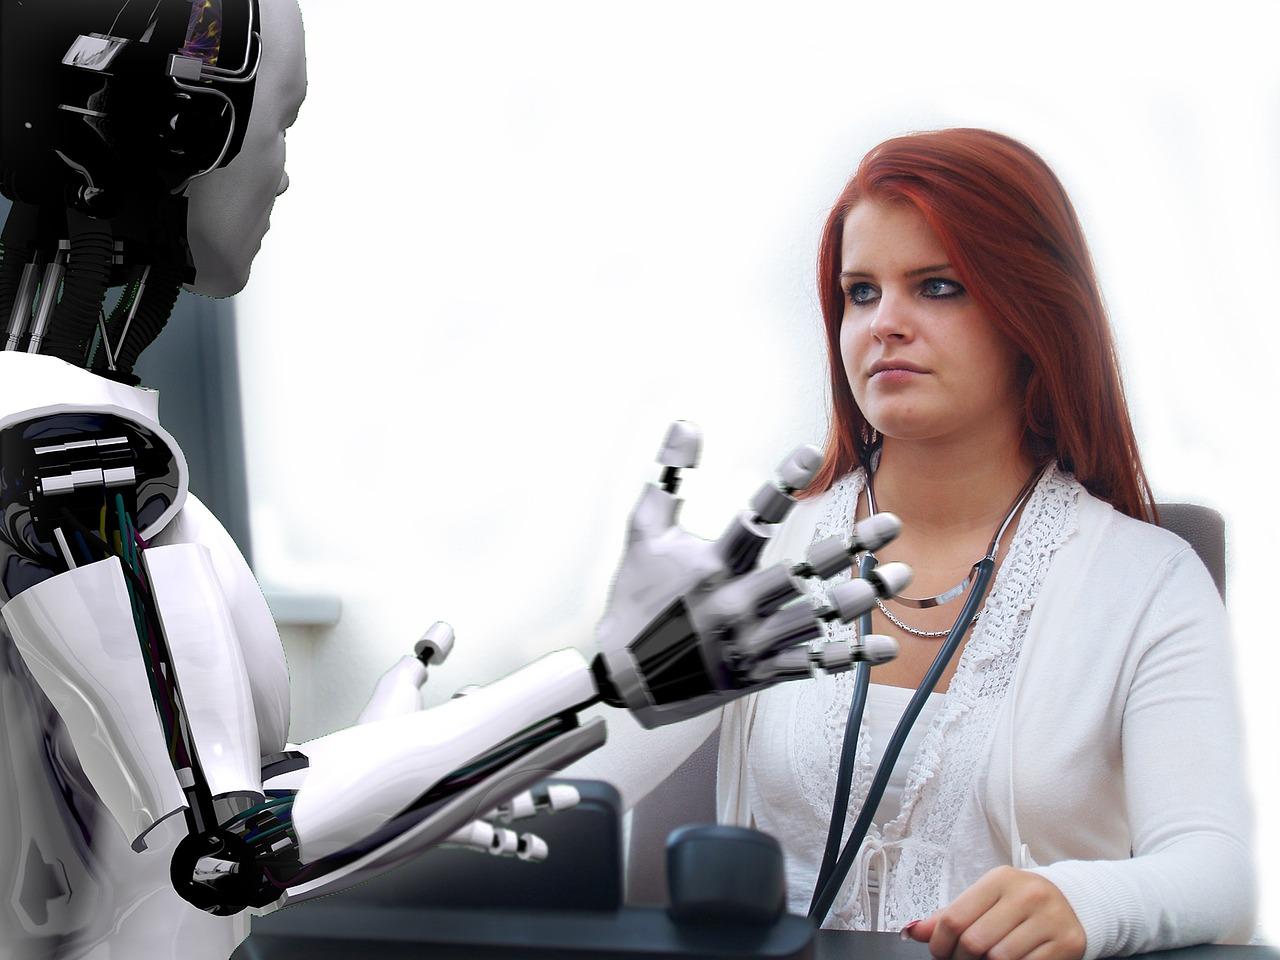 Un futuro profesional en el que la calidez y el ingenio humanos no sean sustituidos por máquinas